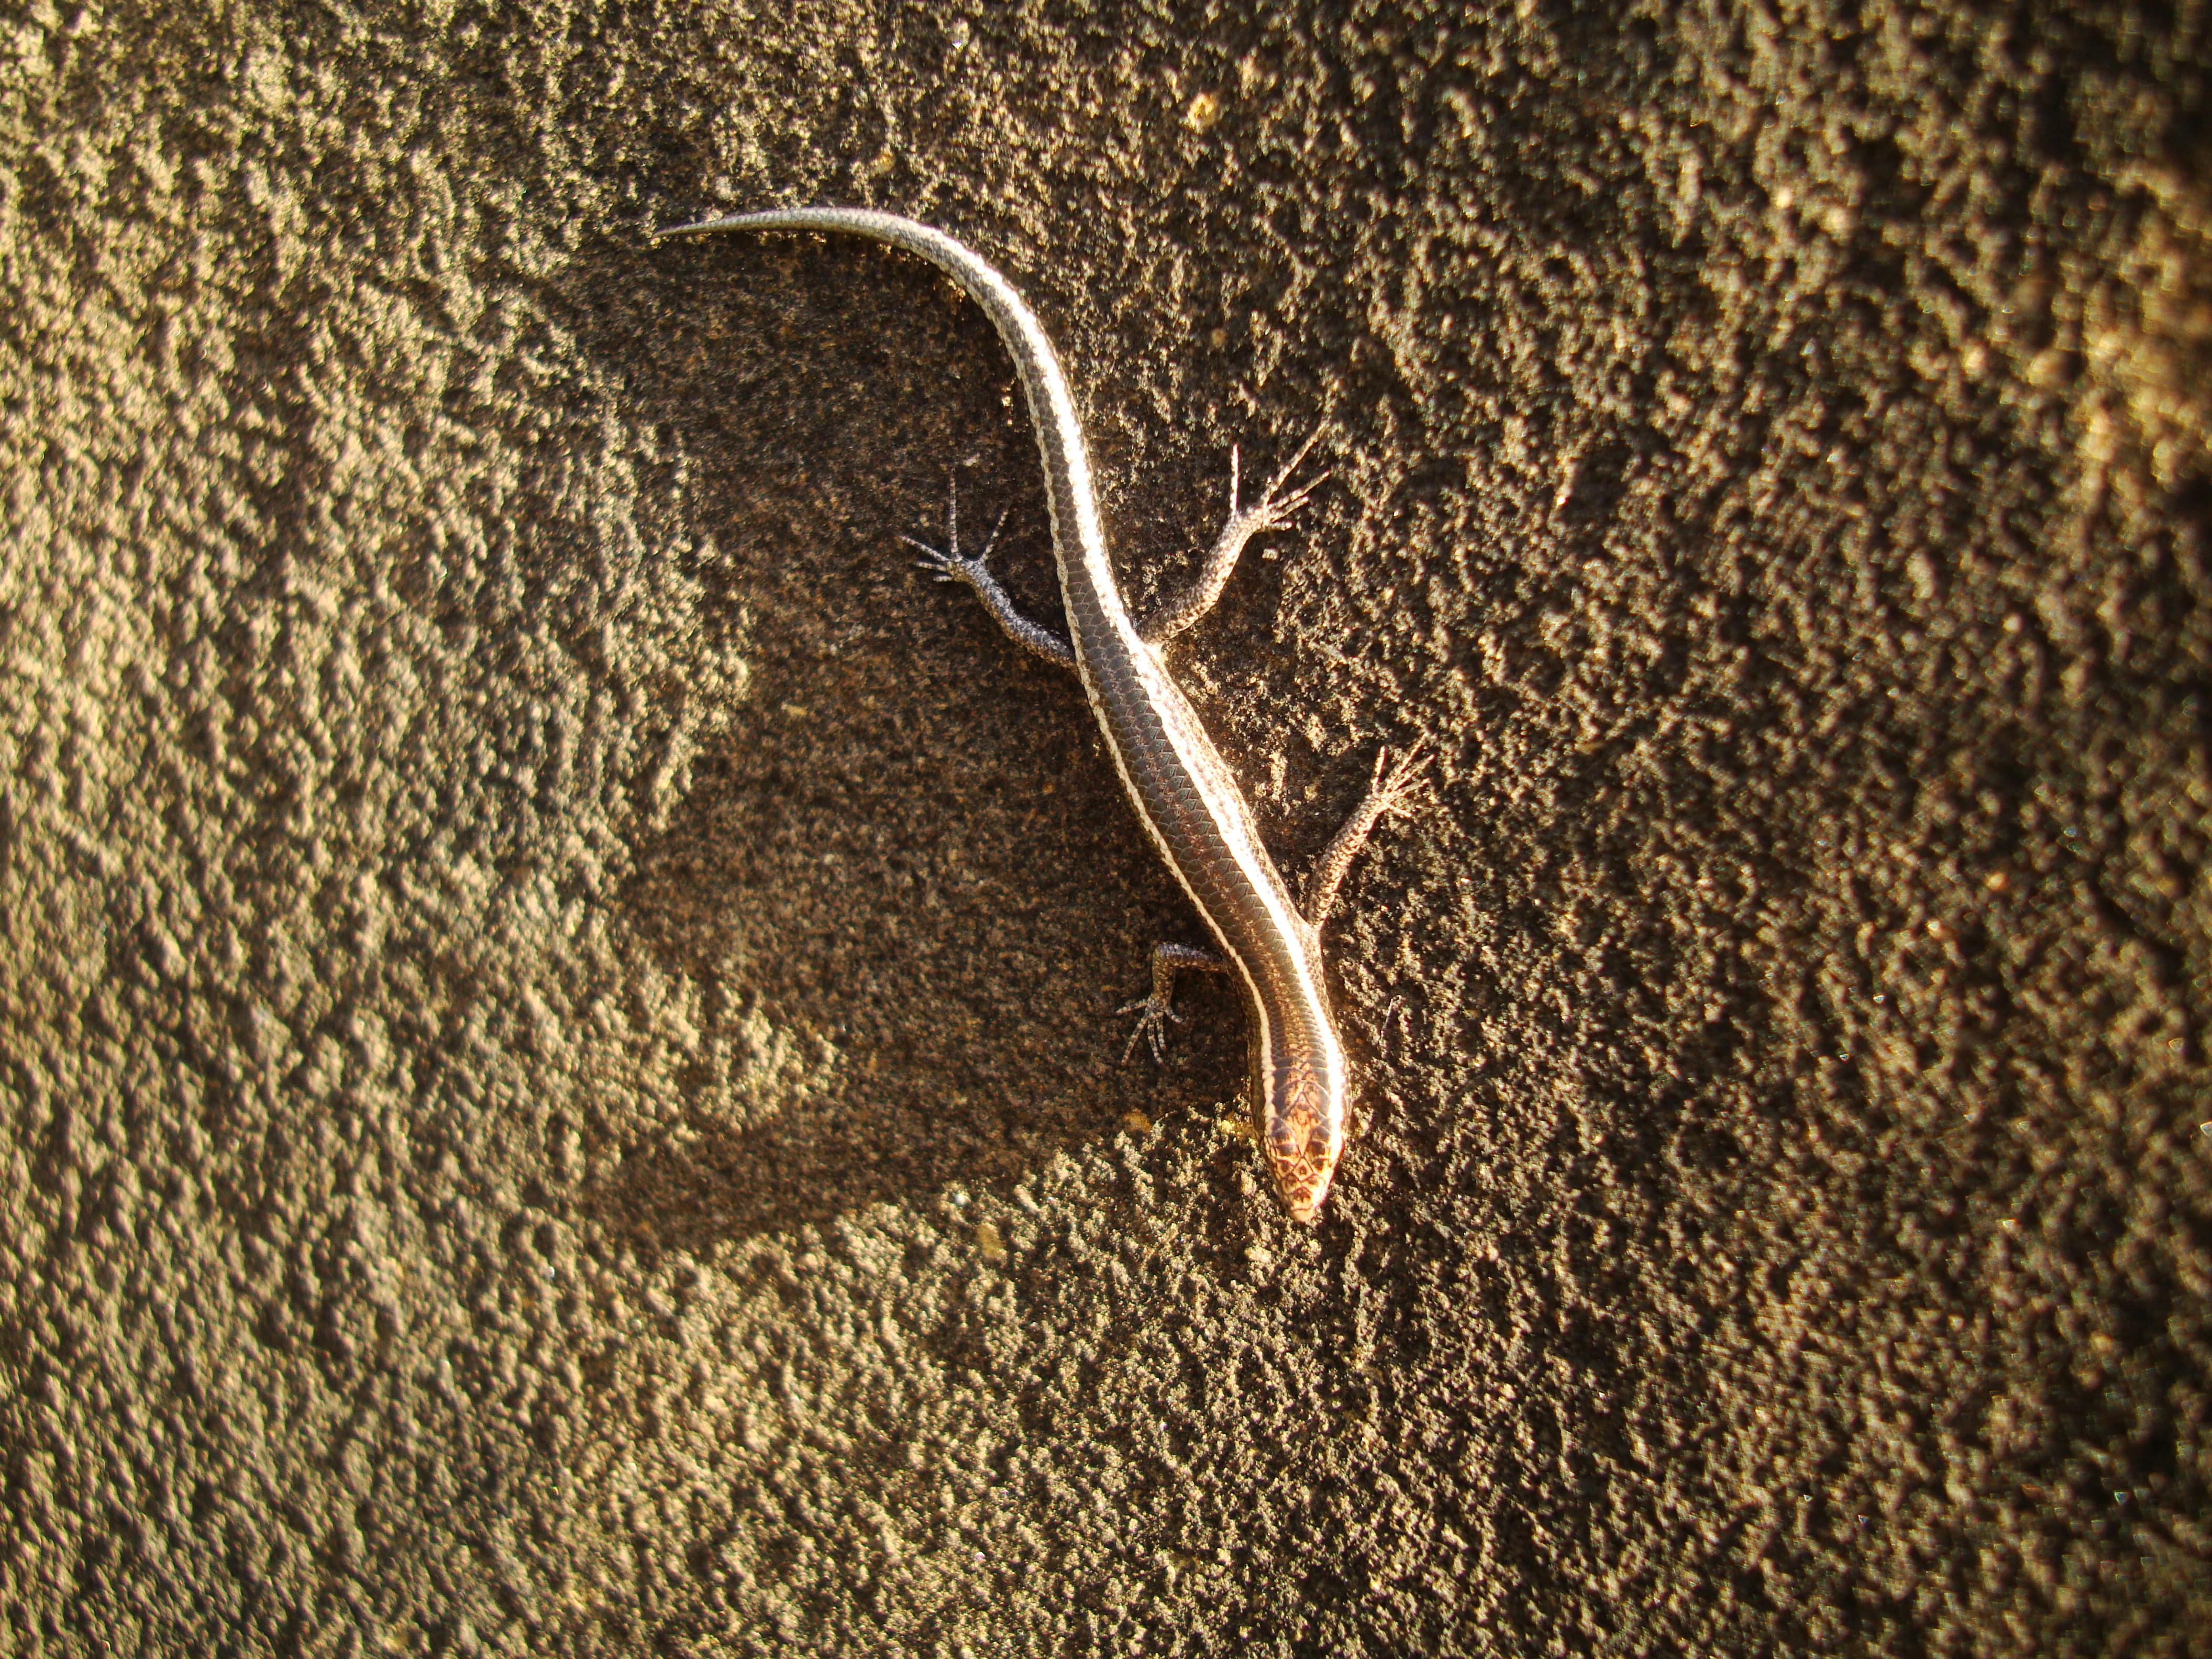 Australian Lizard Noosa 04